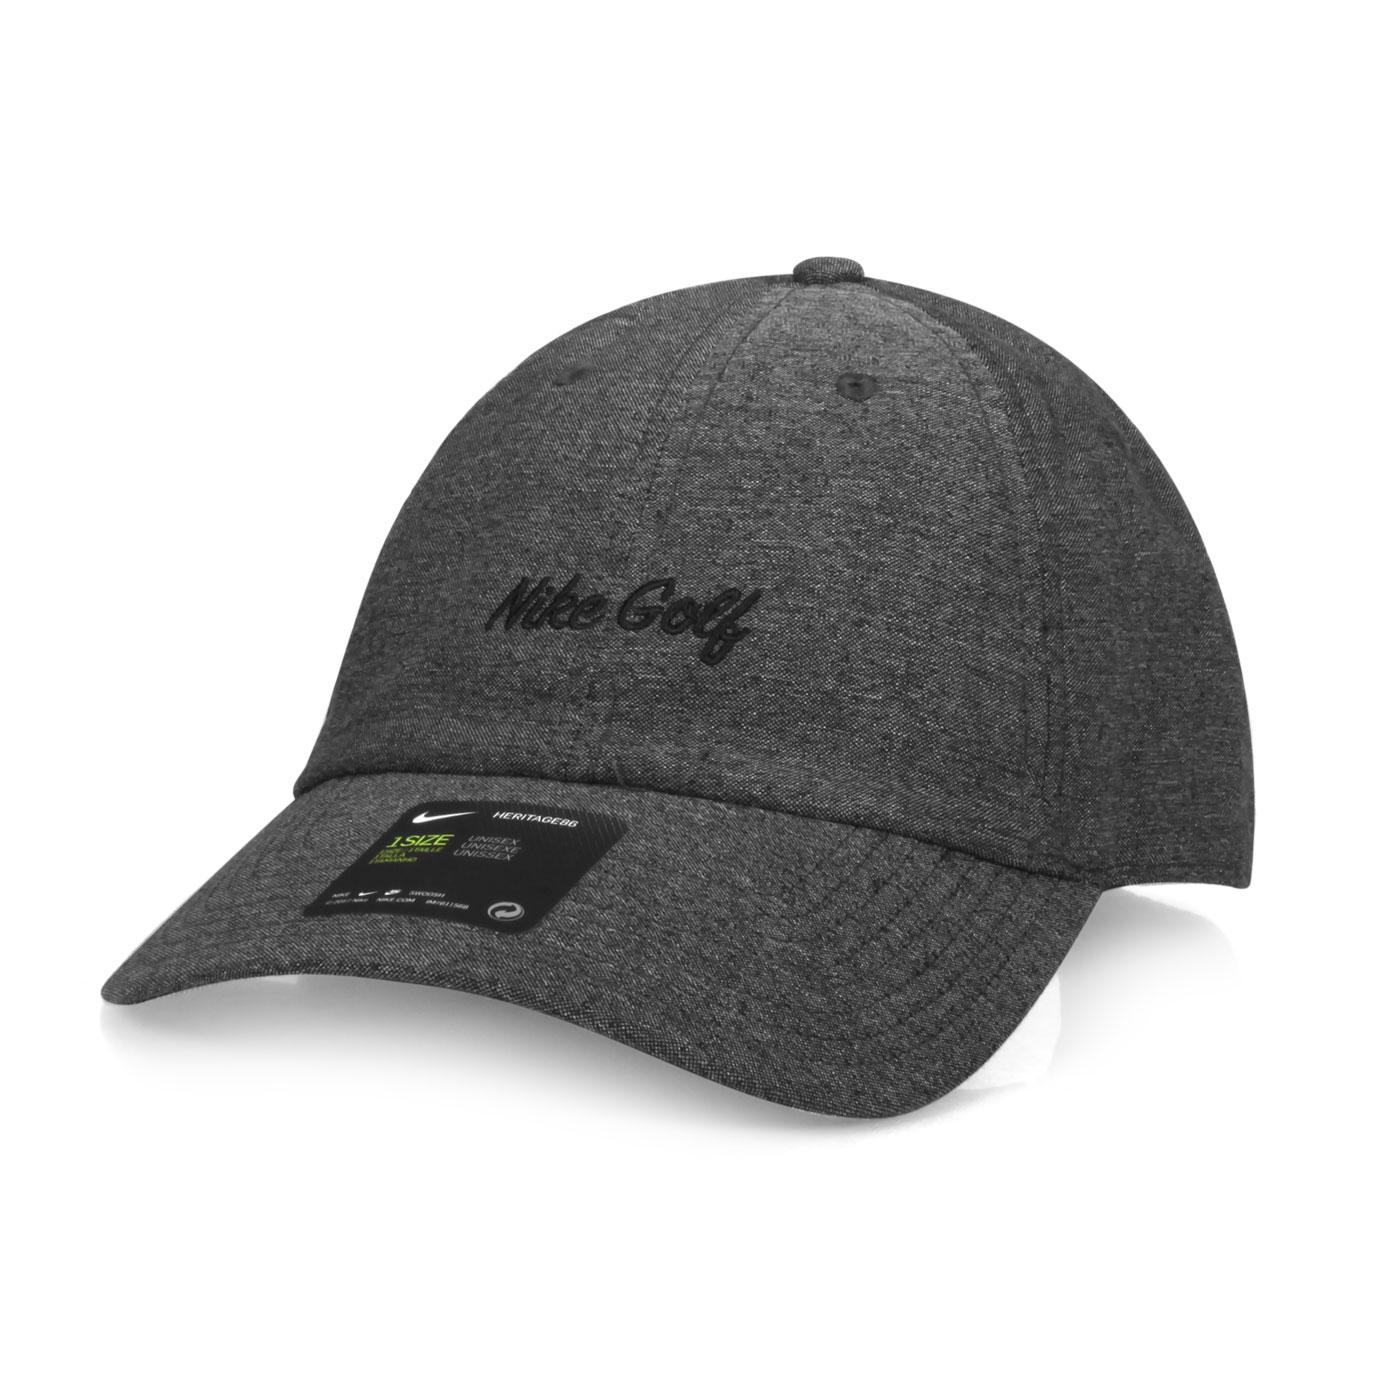 NIKE 運動帽  GOLFBV8228-010 - 深灰黑